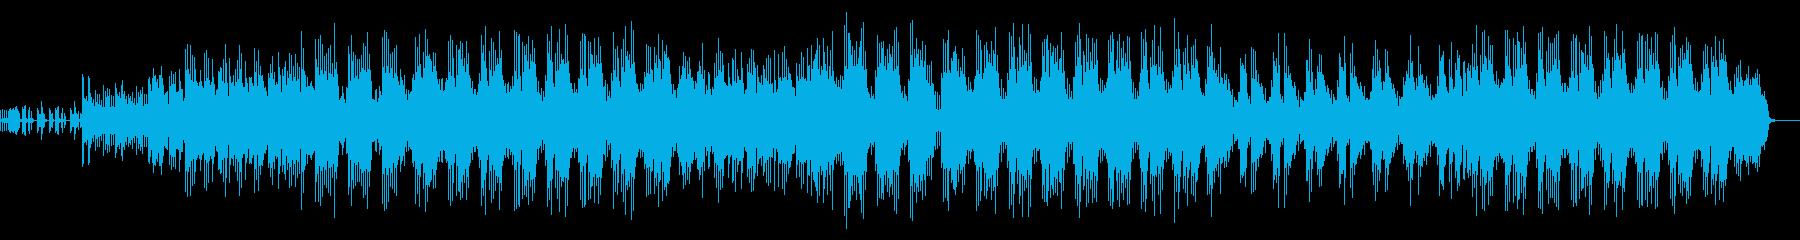 アンダーグラウンドなBGMの再生済みの波形